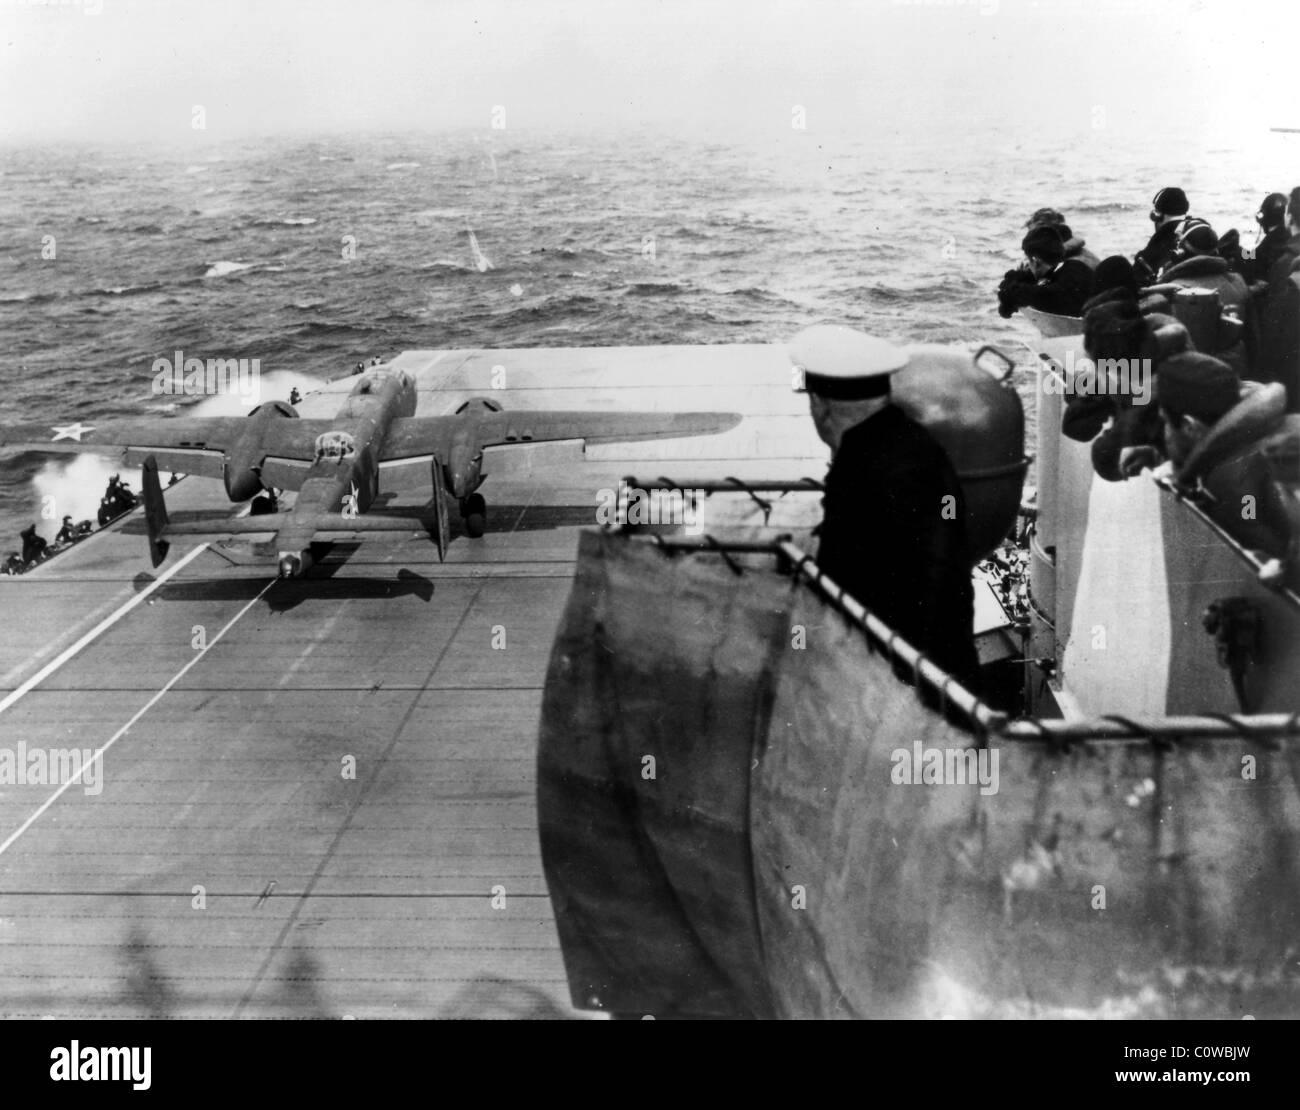 B-25 circa di decollare da una portaerei in qualche luogo nell'Oceano Pacifico. Immagini Stock